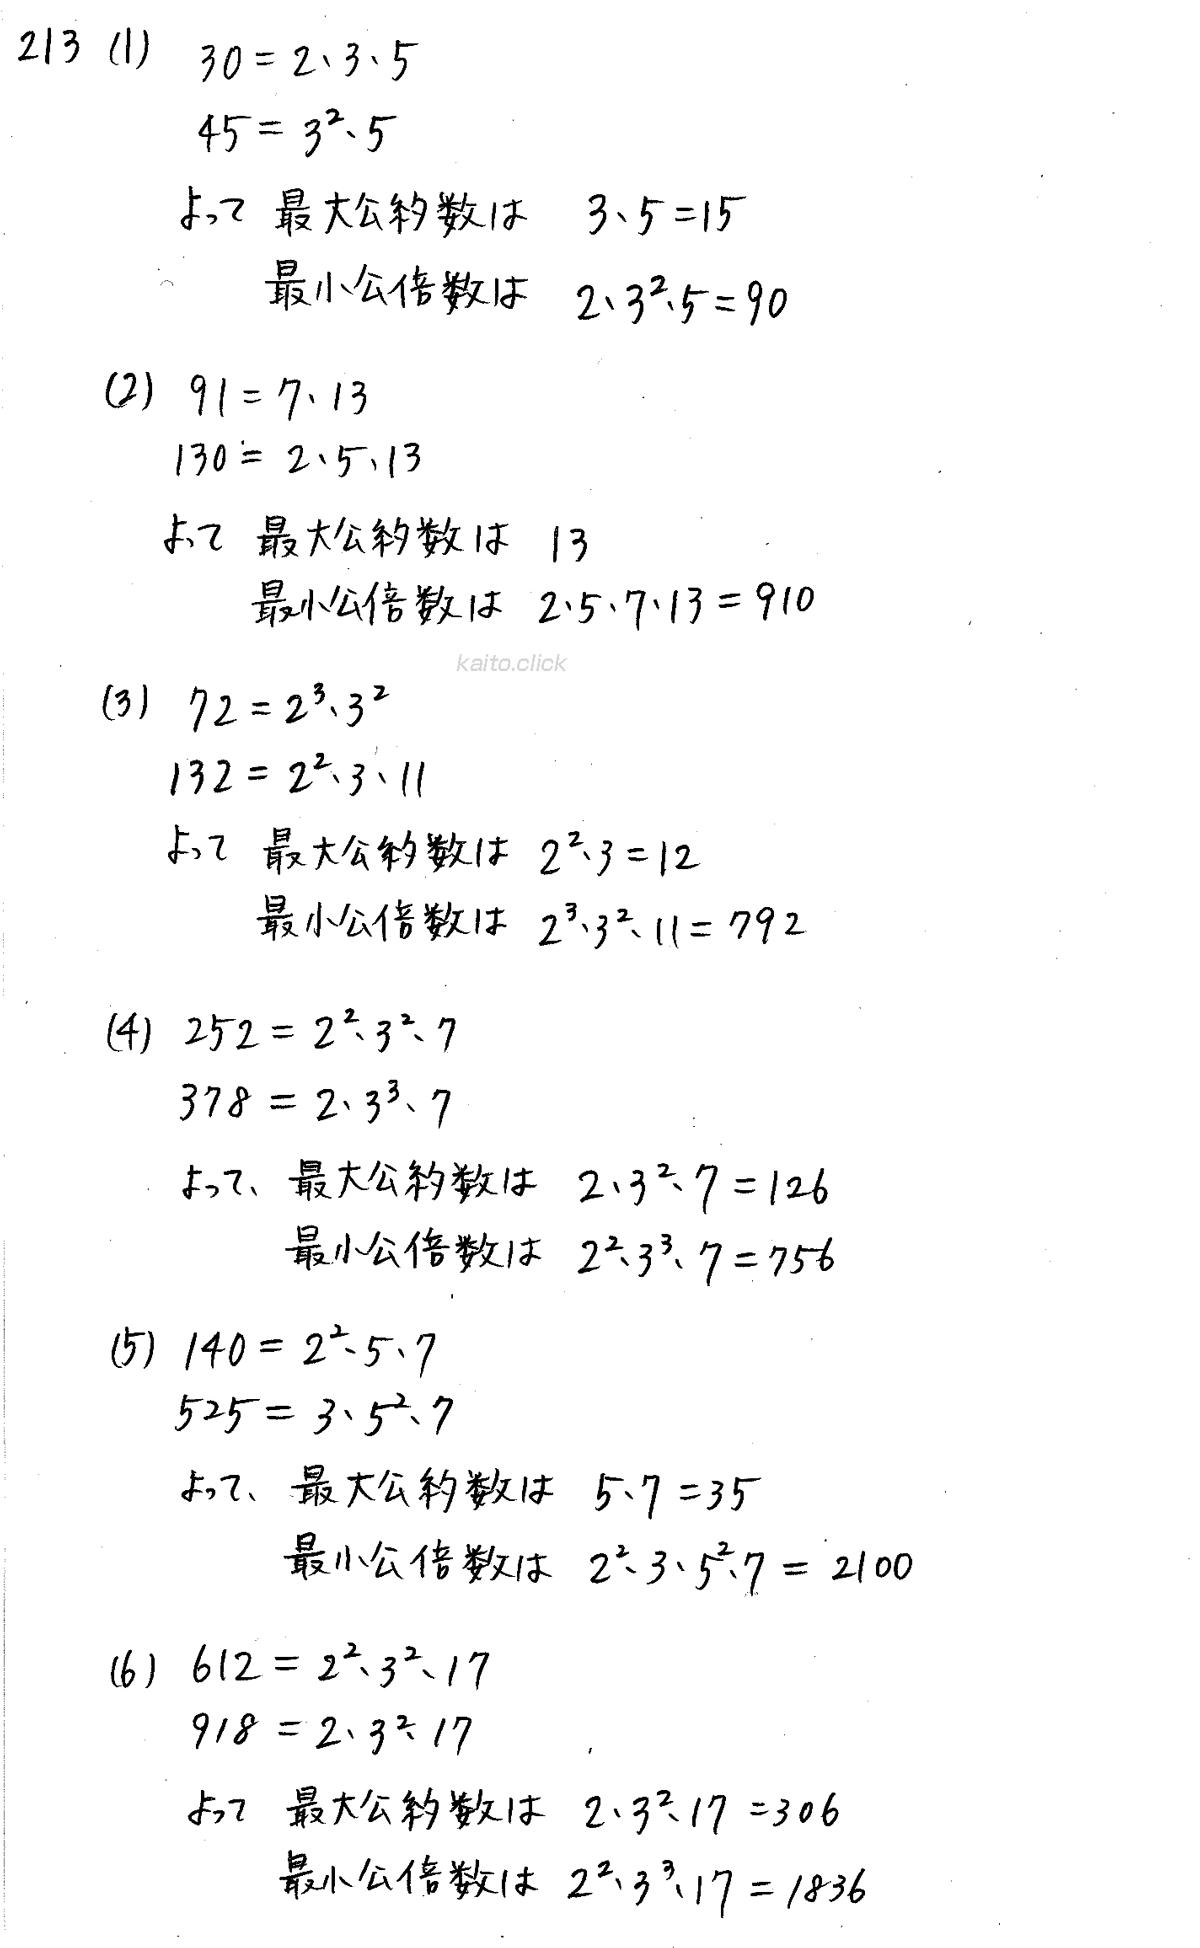 クリアー数学A-213解答